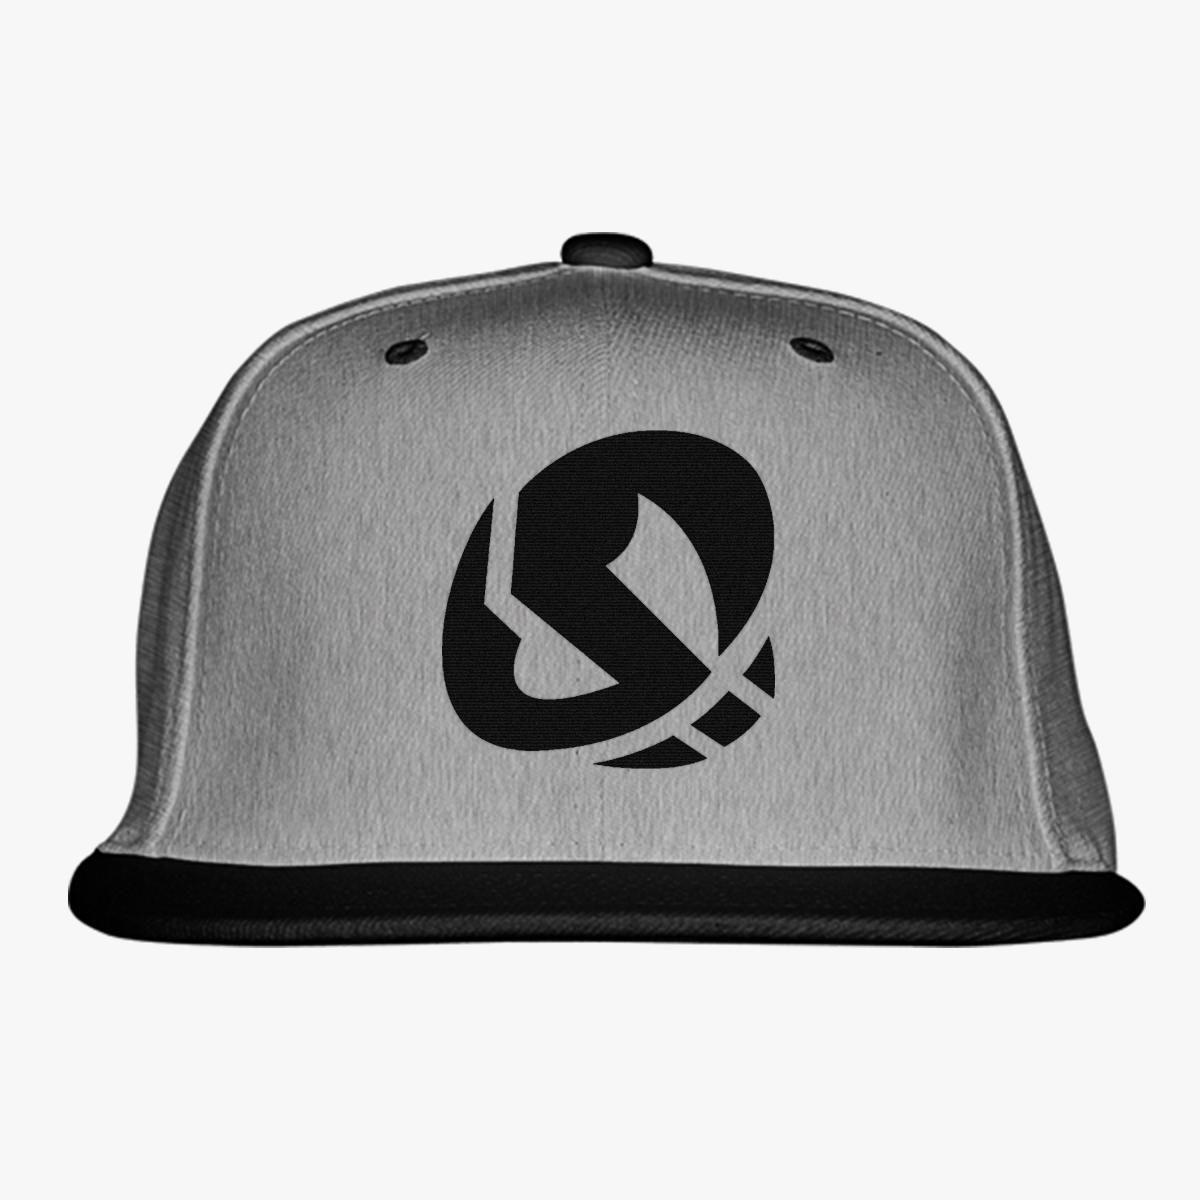 ac5b906961c953 Team skull Snapback Hat (Embroidered) - Customon